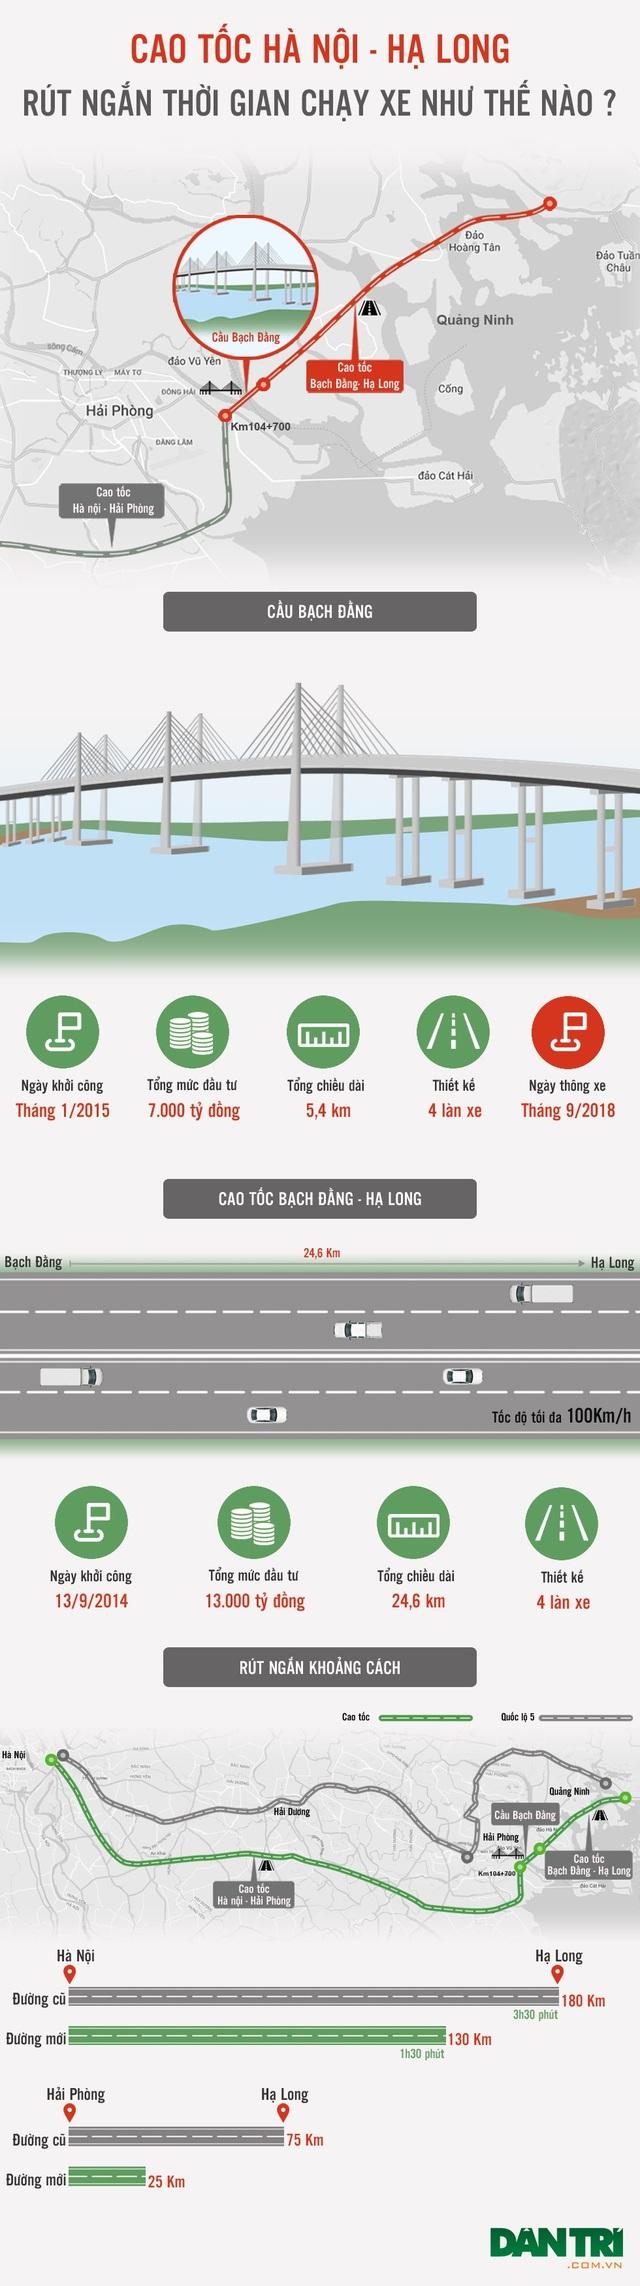 Cao tốc Hà Nội - Hạ Long rút ngắn thời gian chạy xe như thế nào? - 1